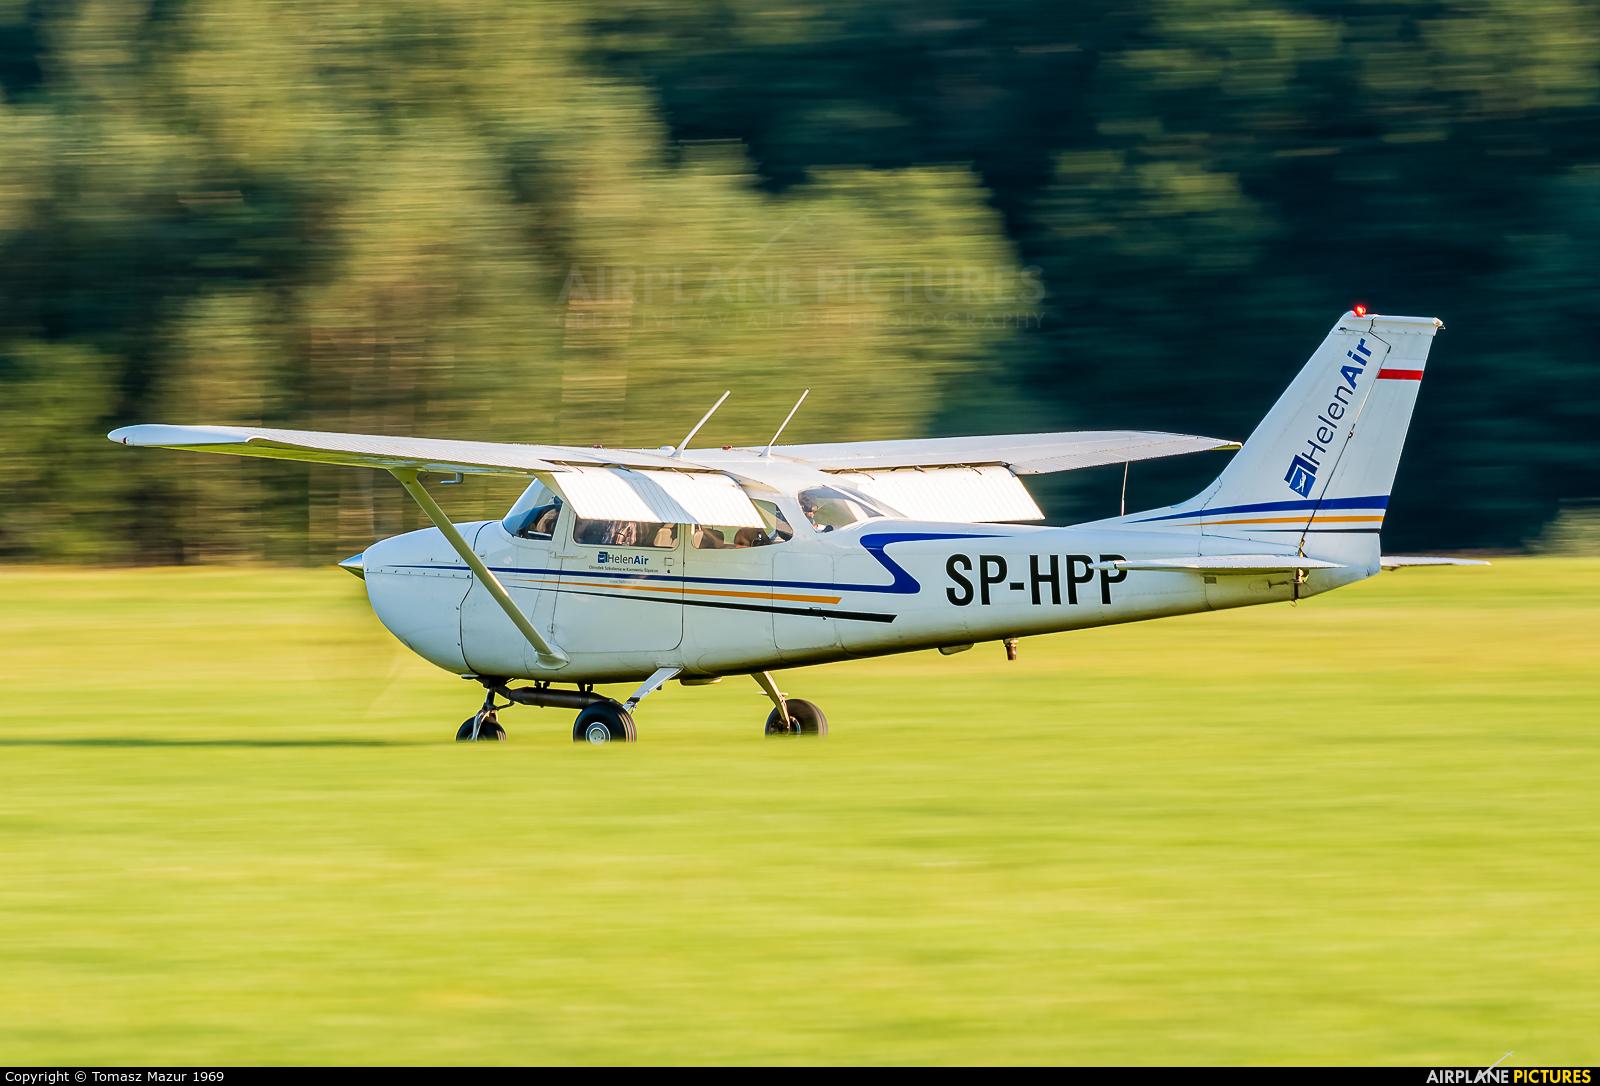 HelenAir SP-HPP aircraft at Rybnik - Gotartowice